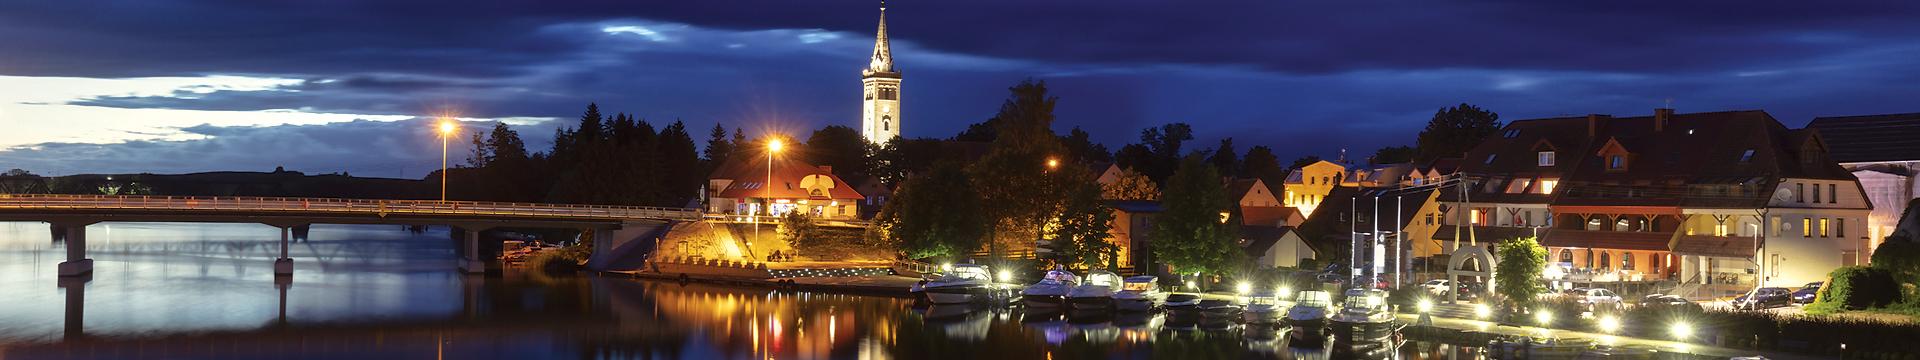 Historické město Mikolajki, Polsko